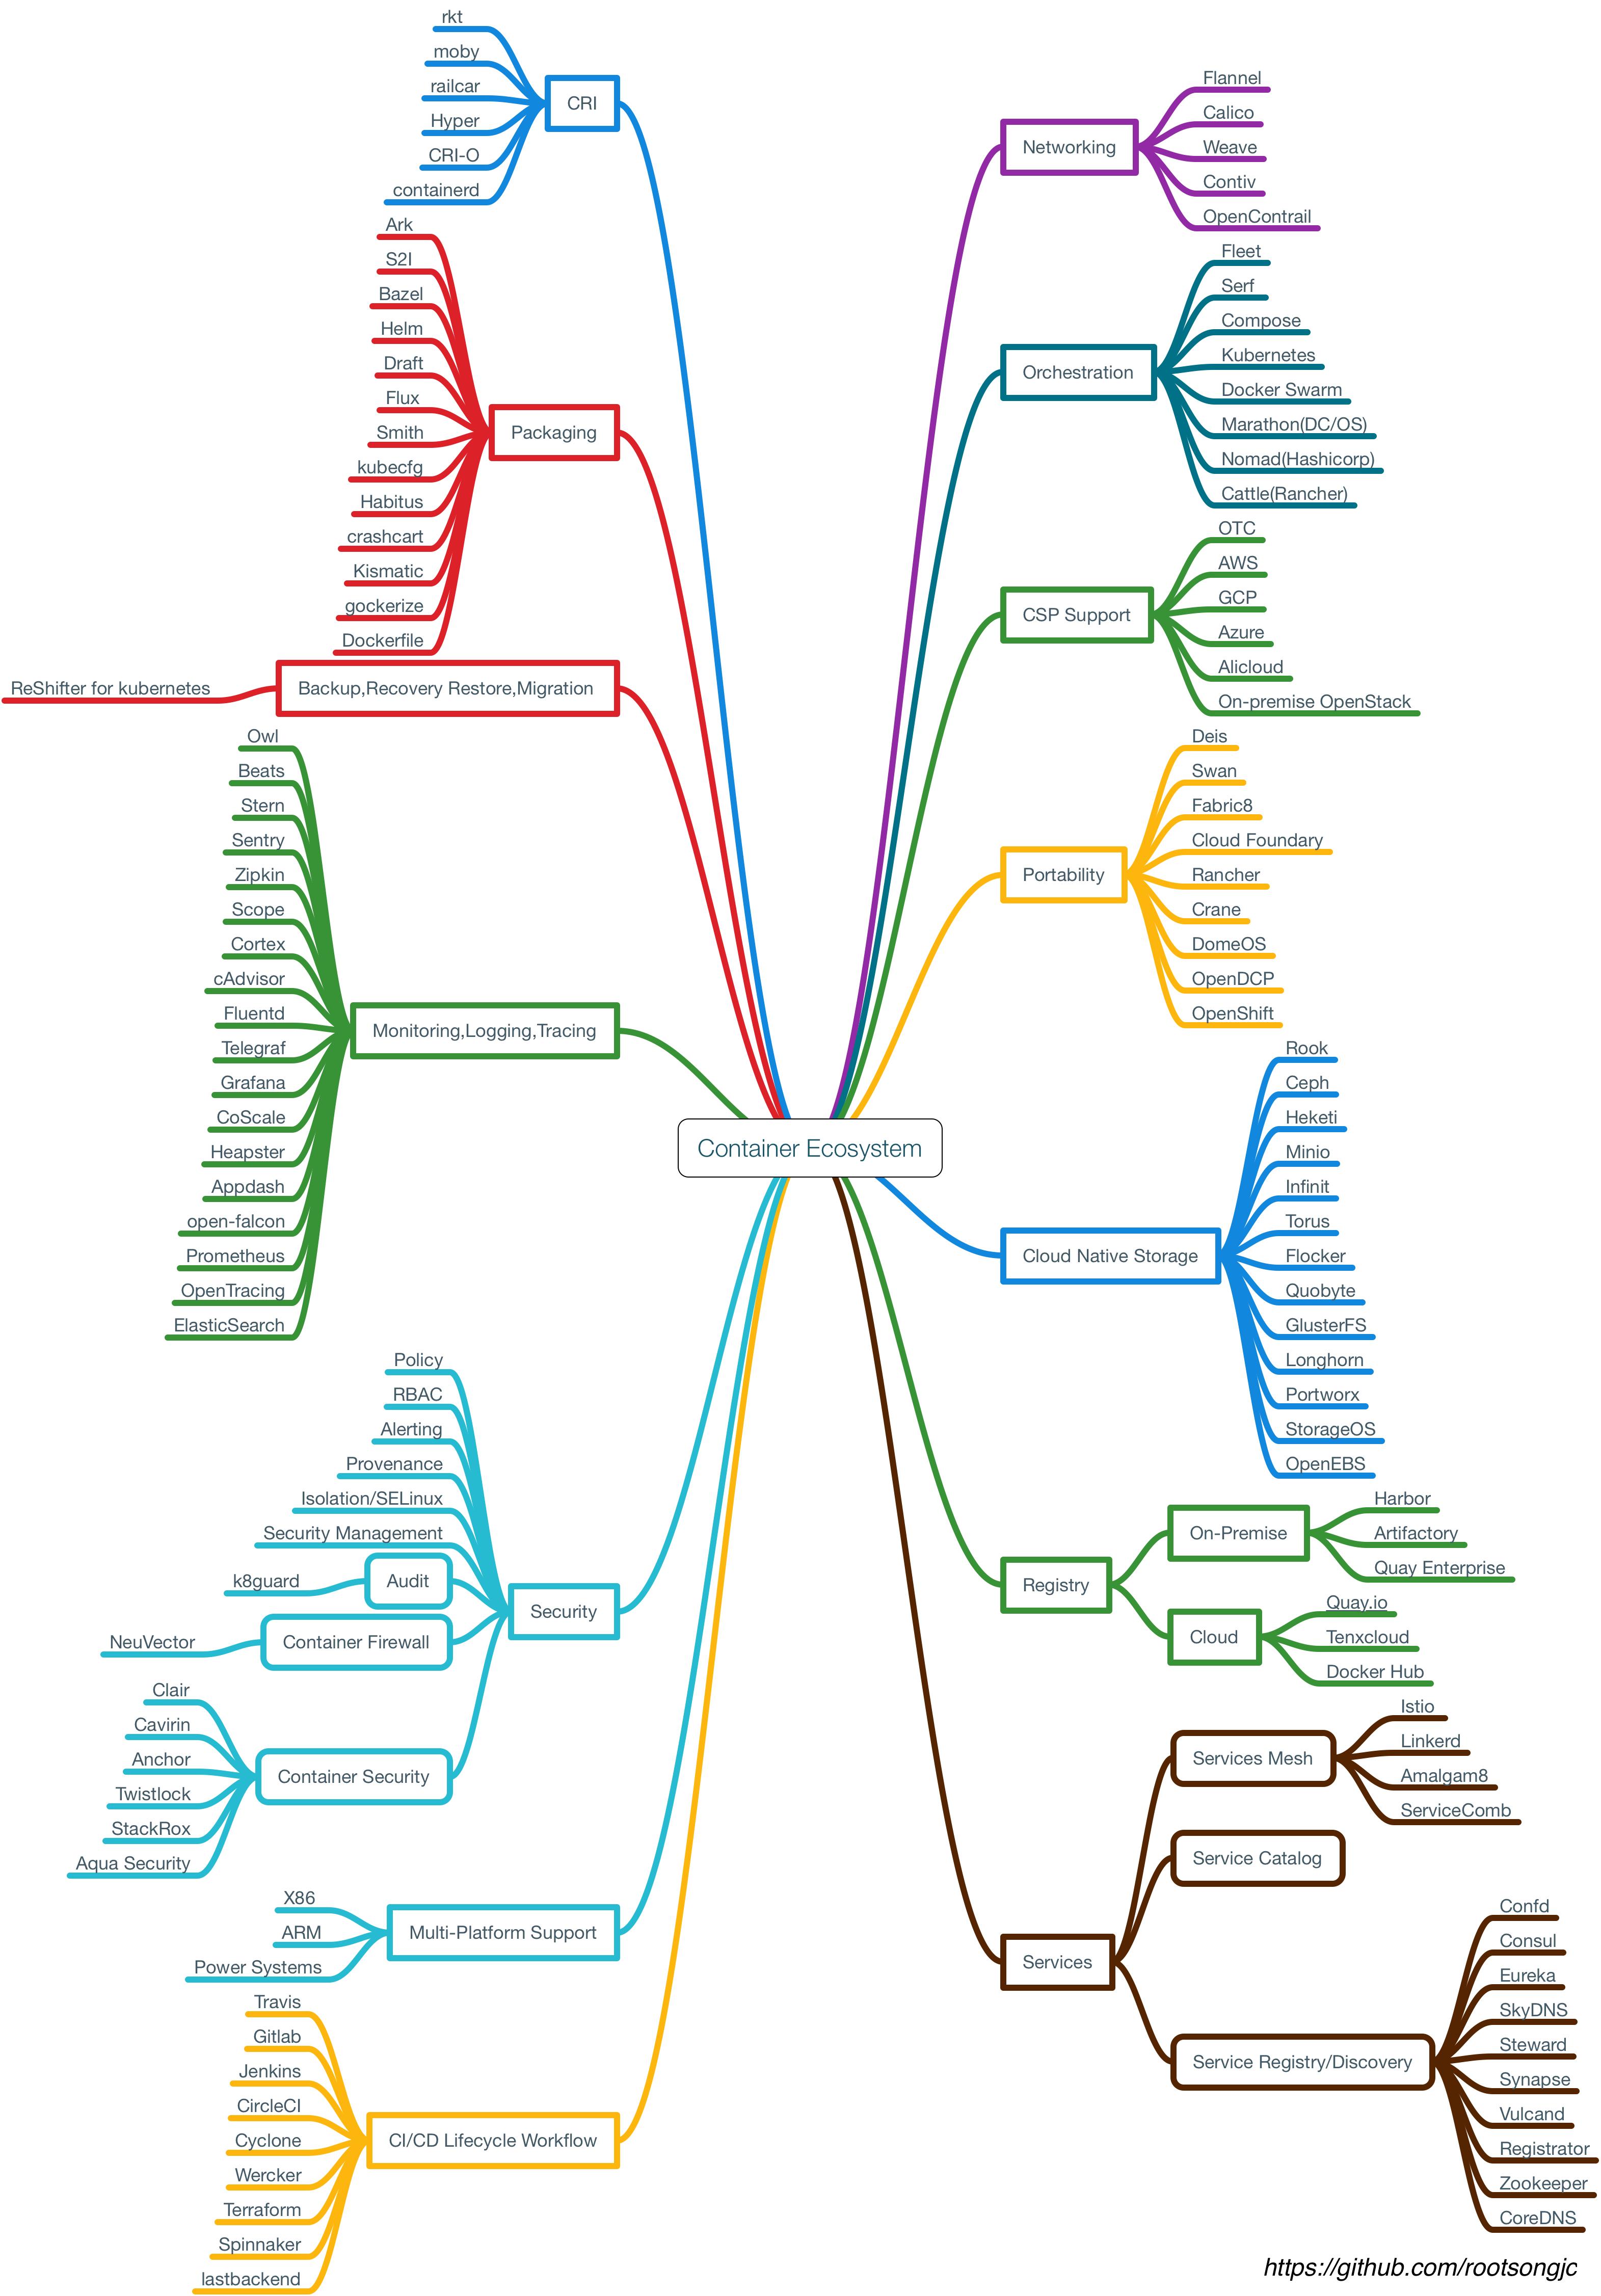 容器生态图 Container ecosystem